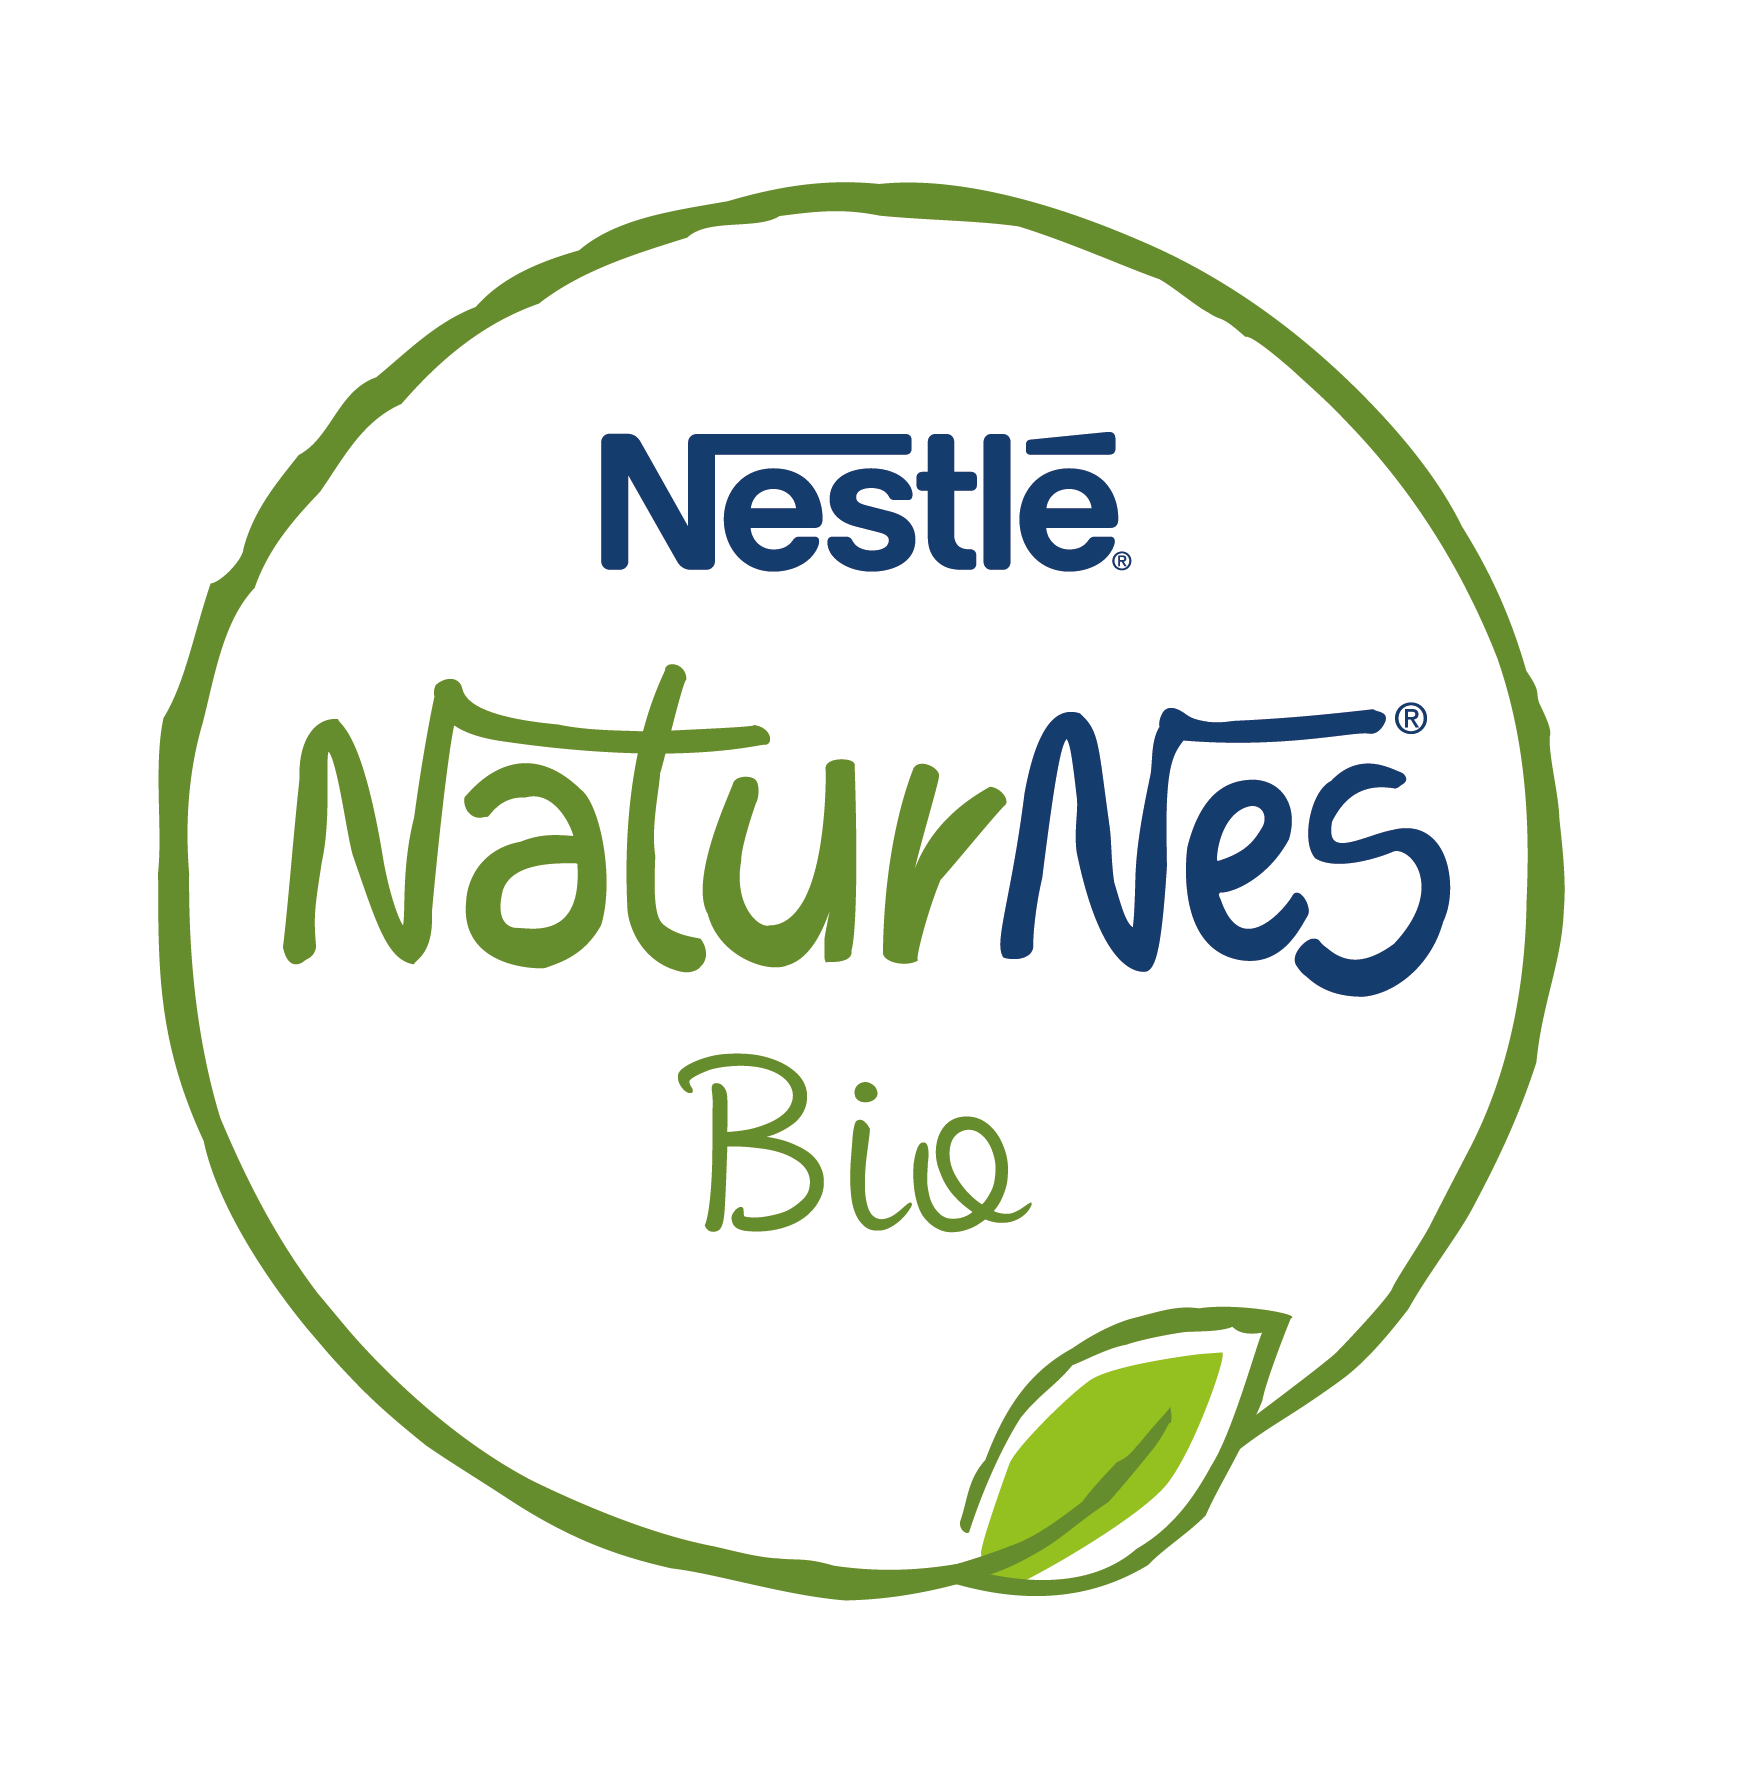 naturnesbio logo